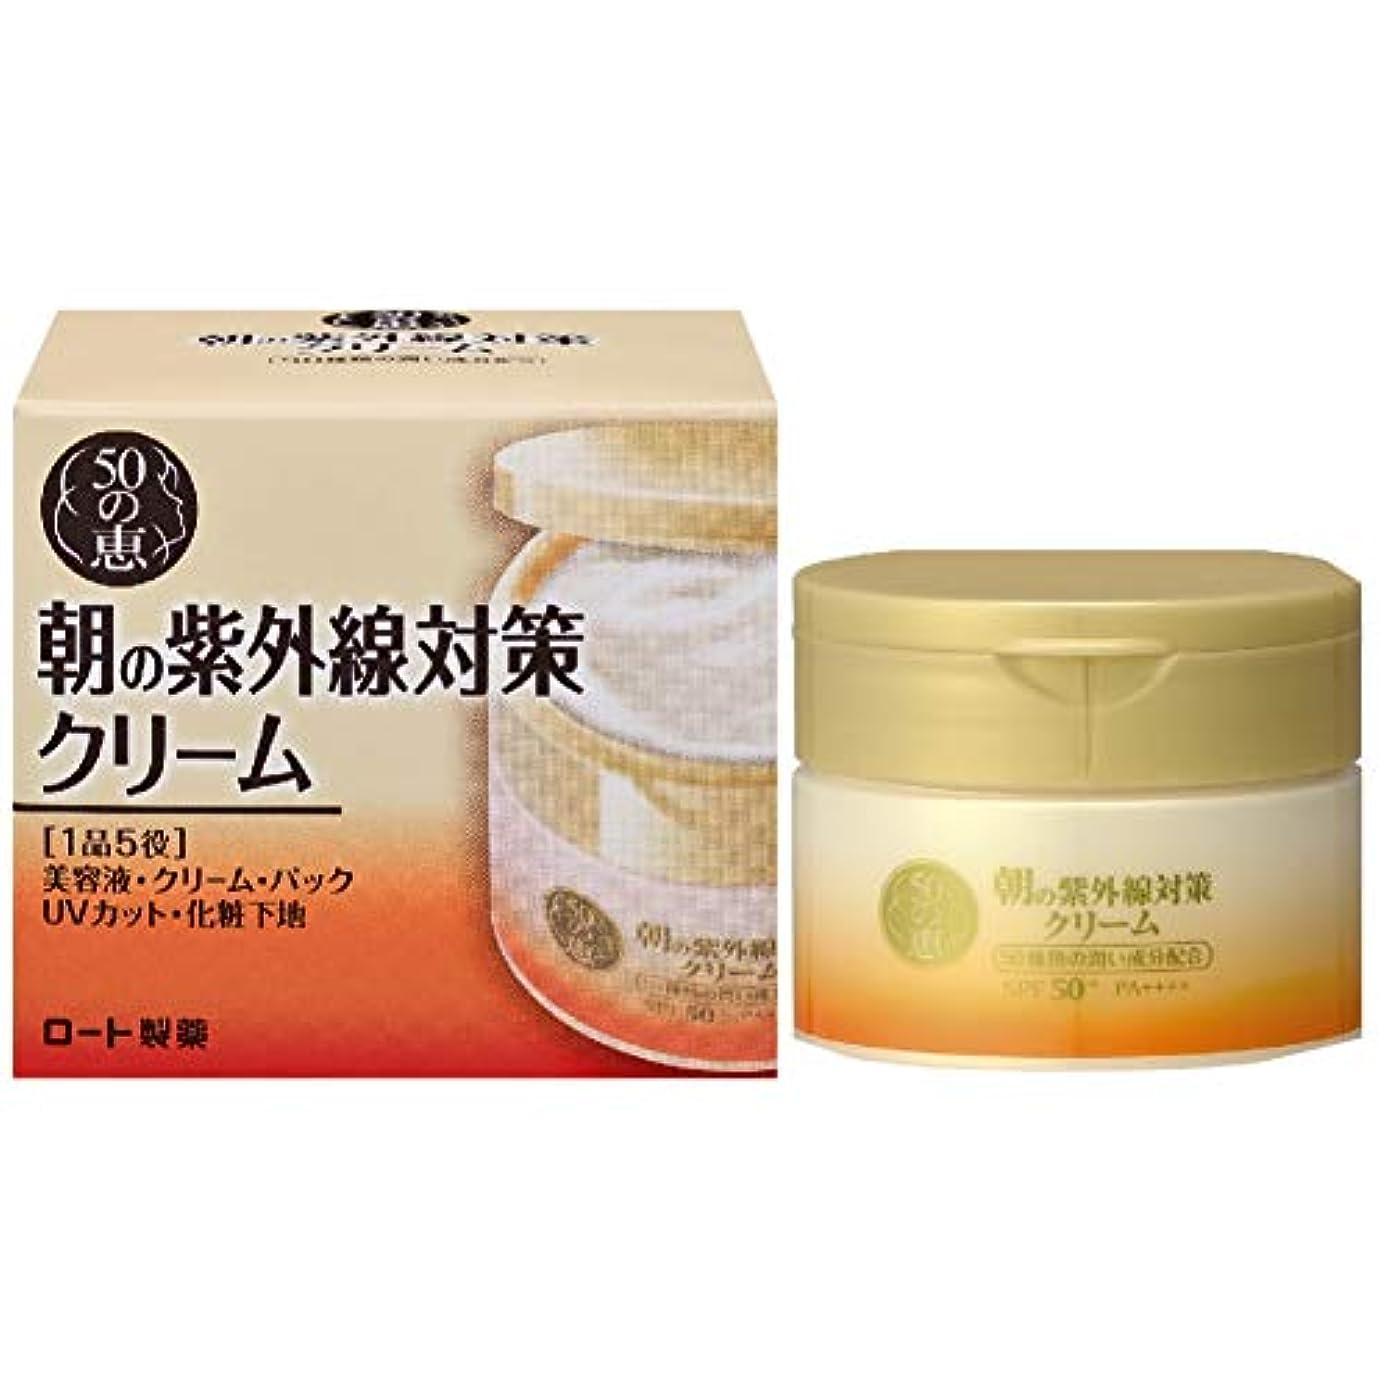 ゴージャスマウスピースバイソンロート製薬 50の恵エイジングケア 朝の紫外線対策クリーム 養潤成分50種類配合オールインワン SPF50+ PA++++ 90g